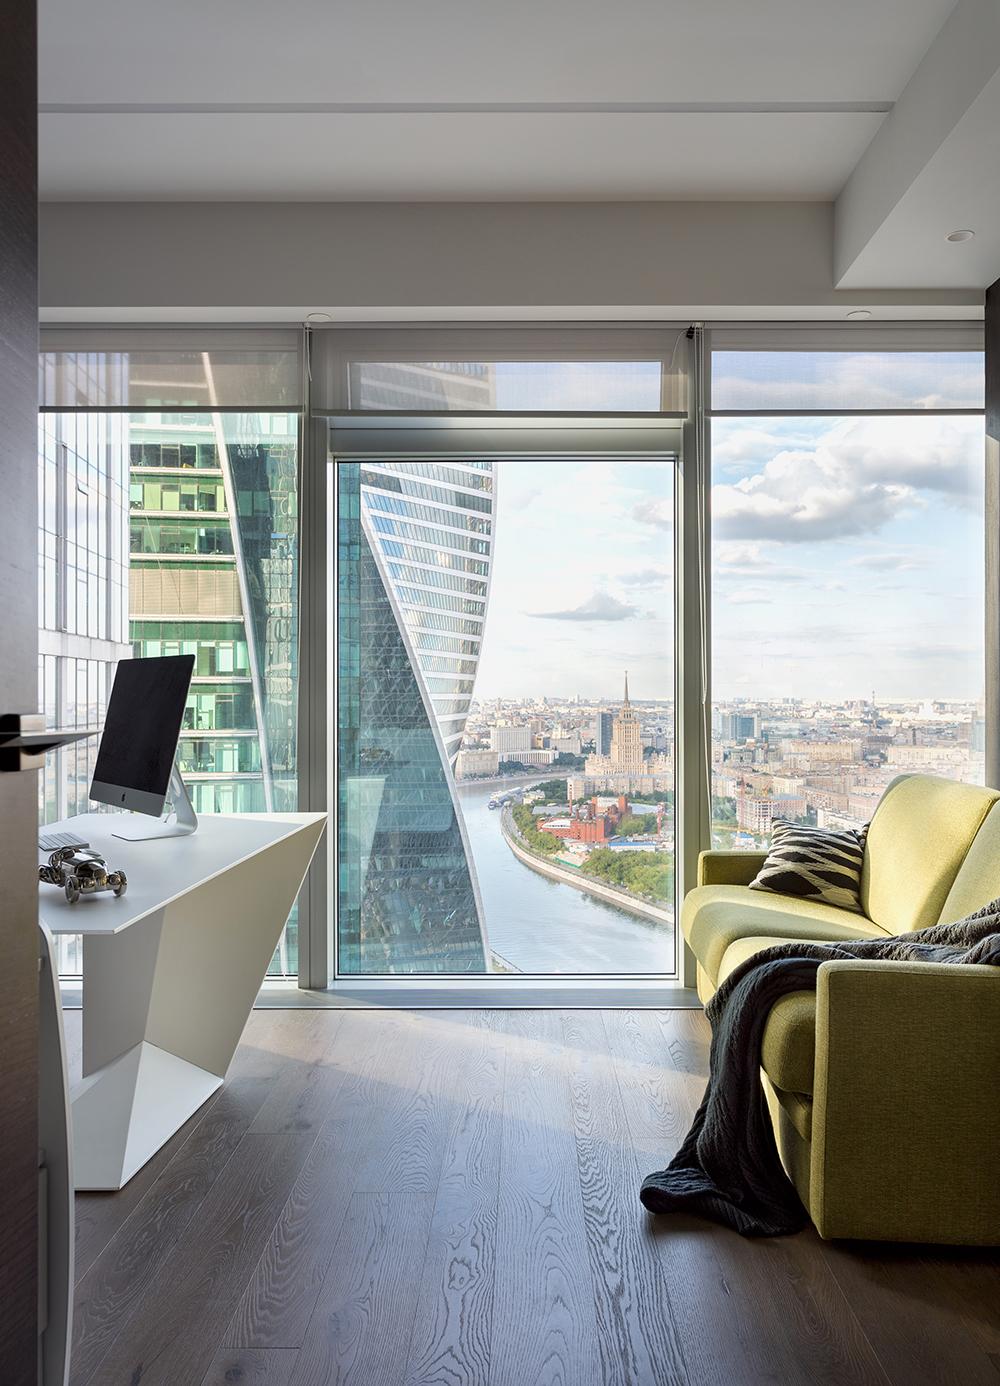 Апартаменты в Москва-Сити с панорамными окнами